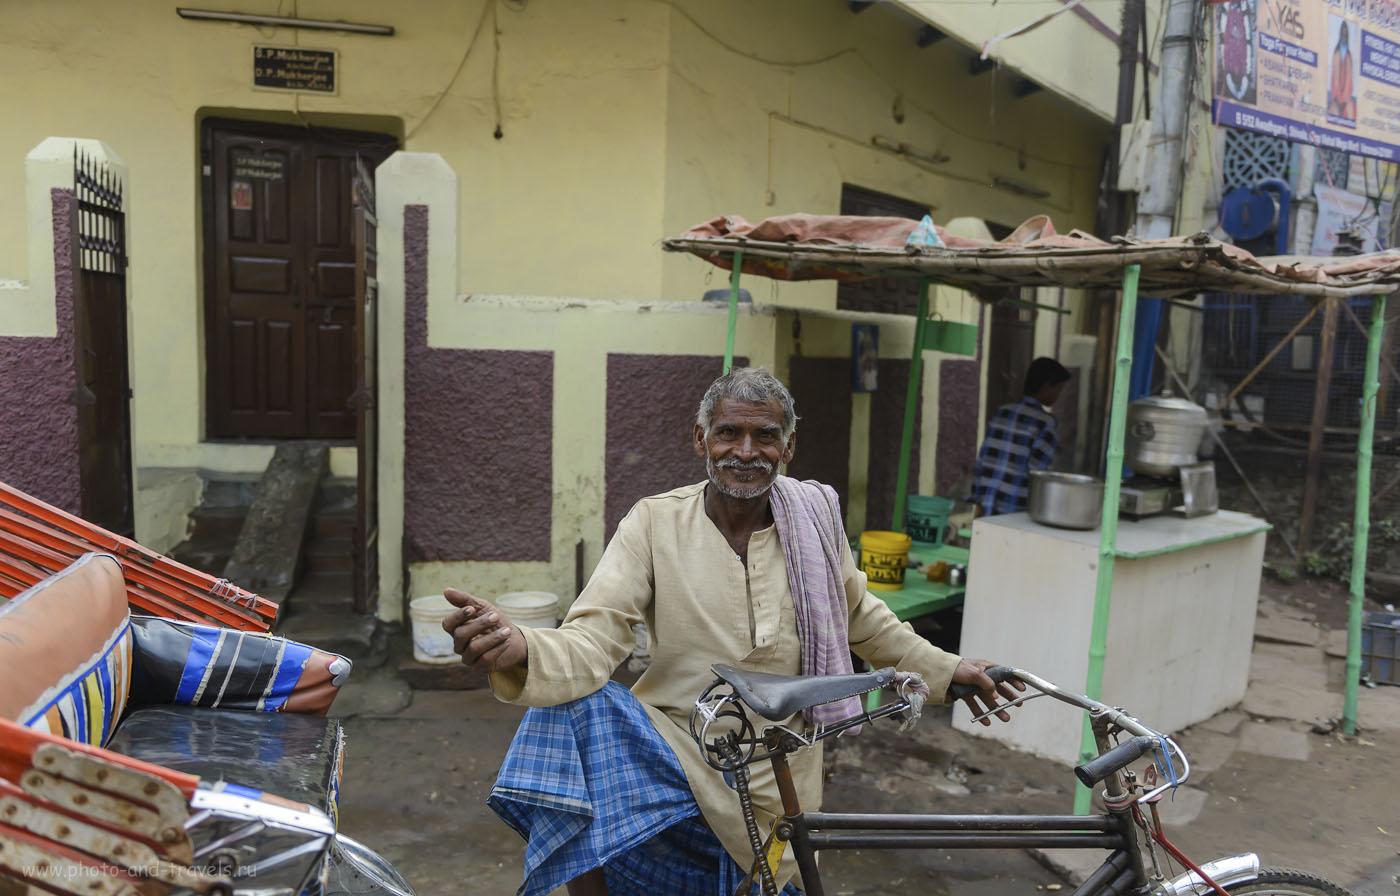 Фото 25. Благожелательный велорикша из Варанаси. Туры в Индию. 1/800, 2.8, 250, 28.